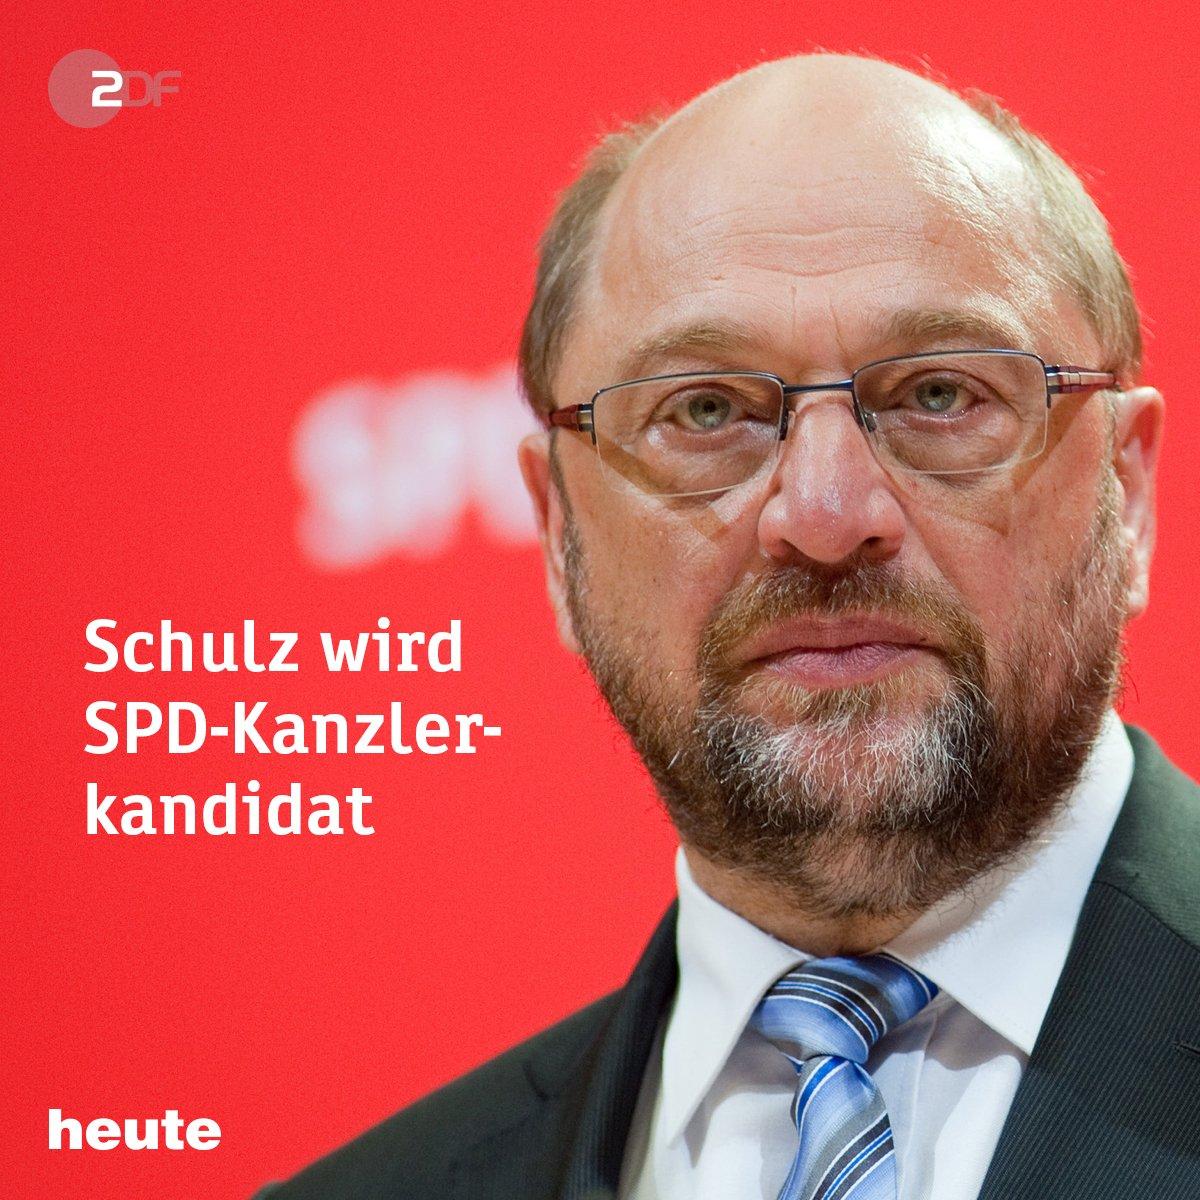 EIL+++ #Gabriel verzichtet, #Schulz wird SPD-Kanzlerkandidat. https://...